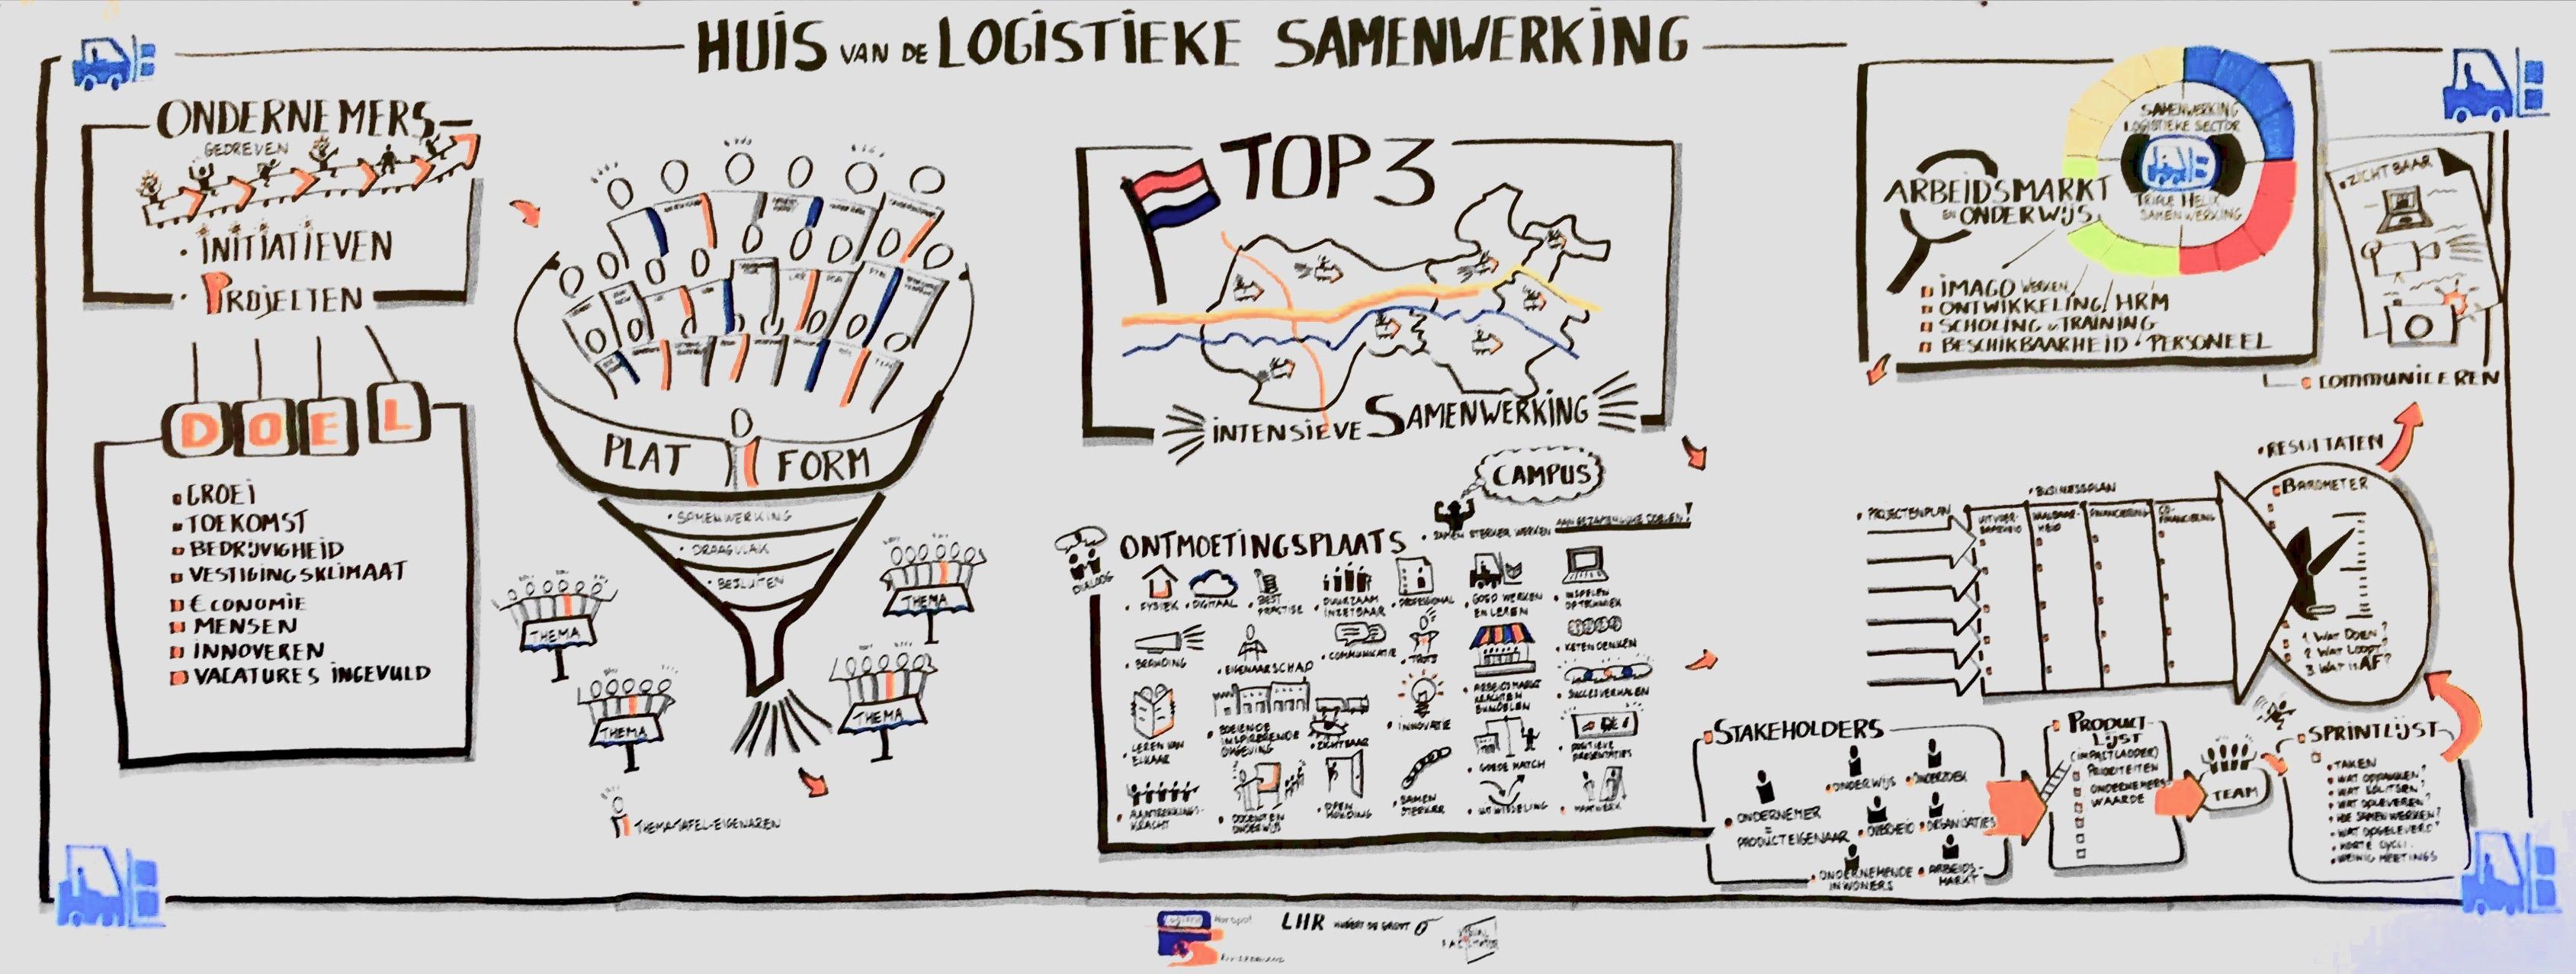 Visual Consulting Entrepreneurs Logistics